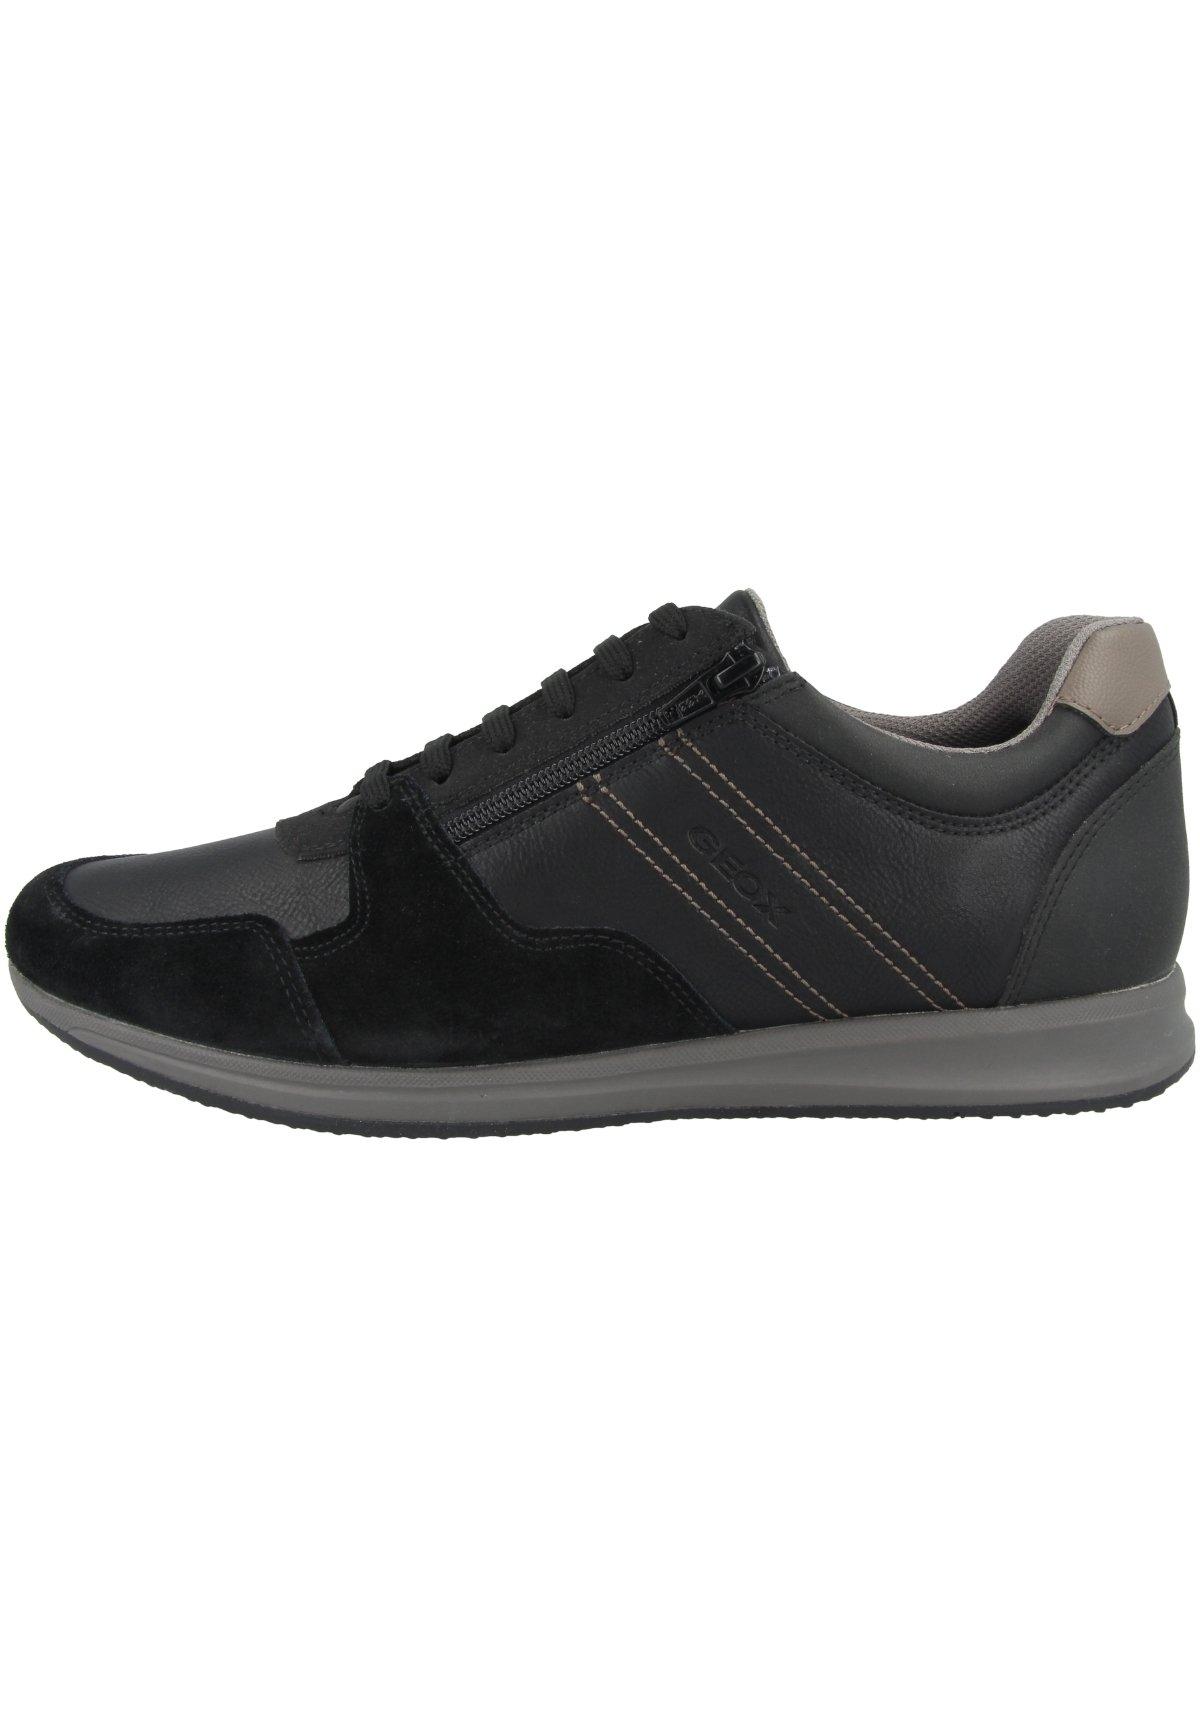 Chaussures homme Geox | Large choix en ligne sur Zalando